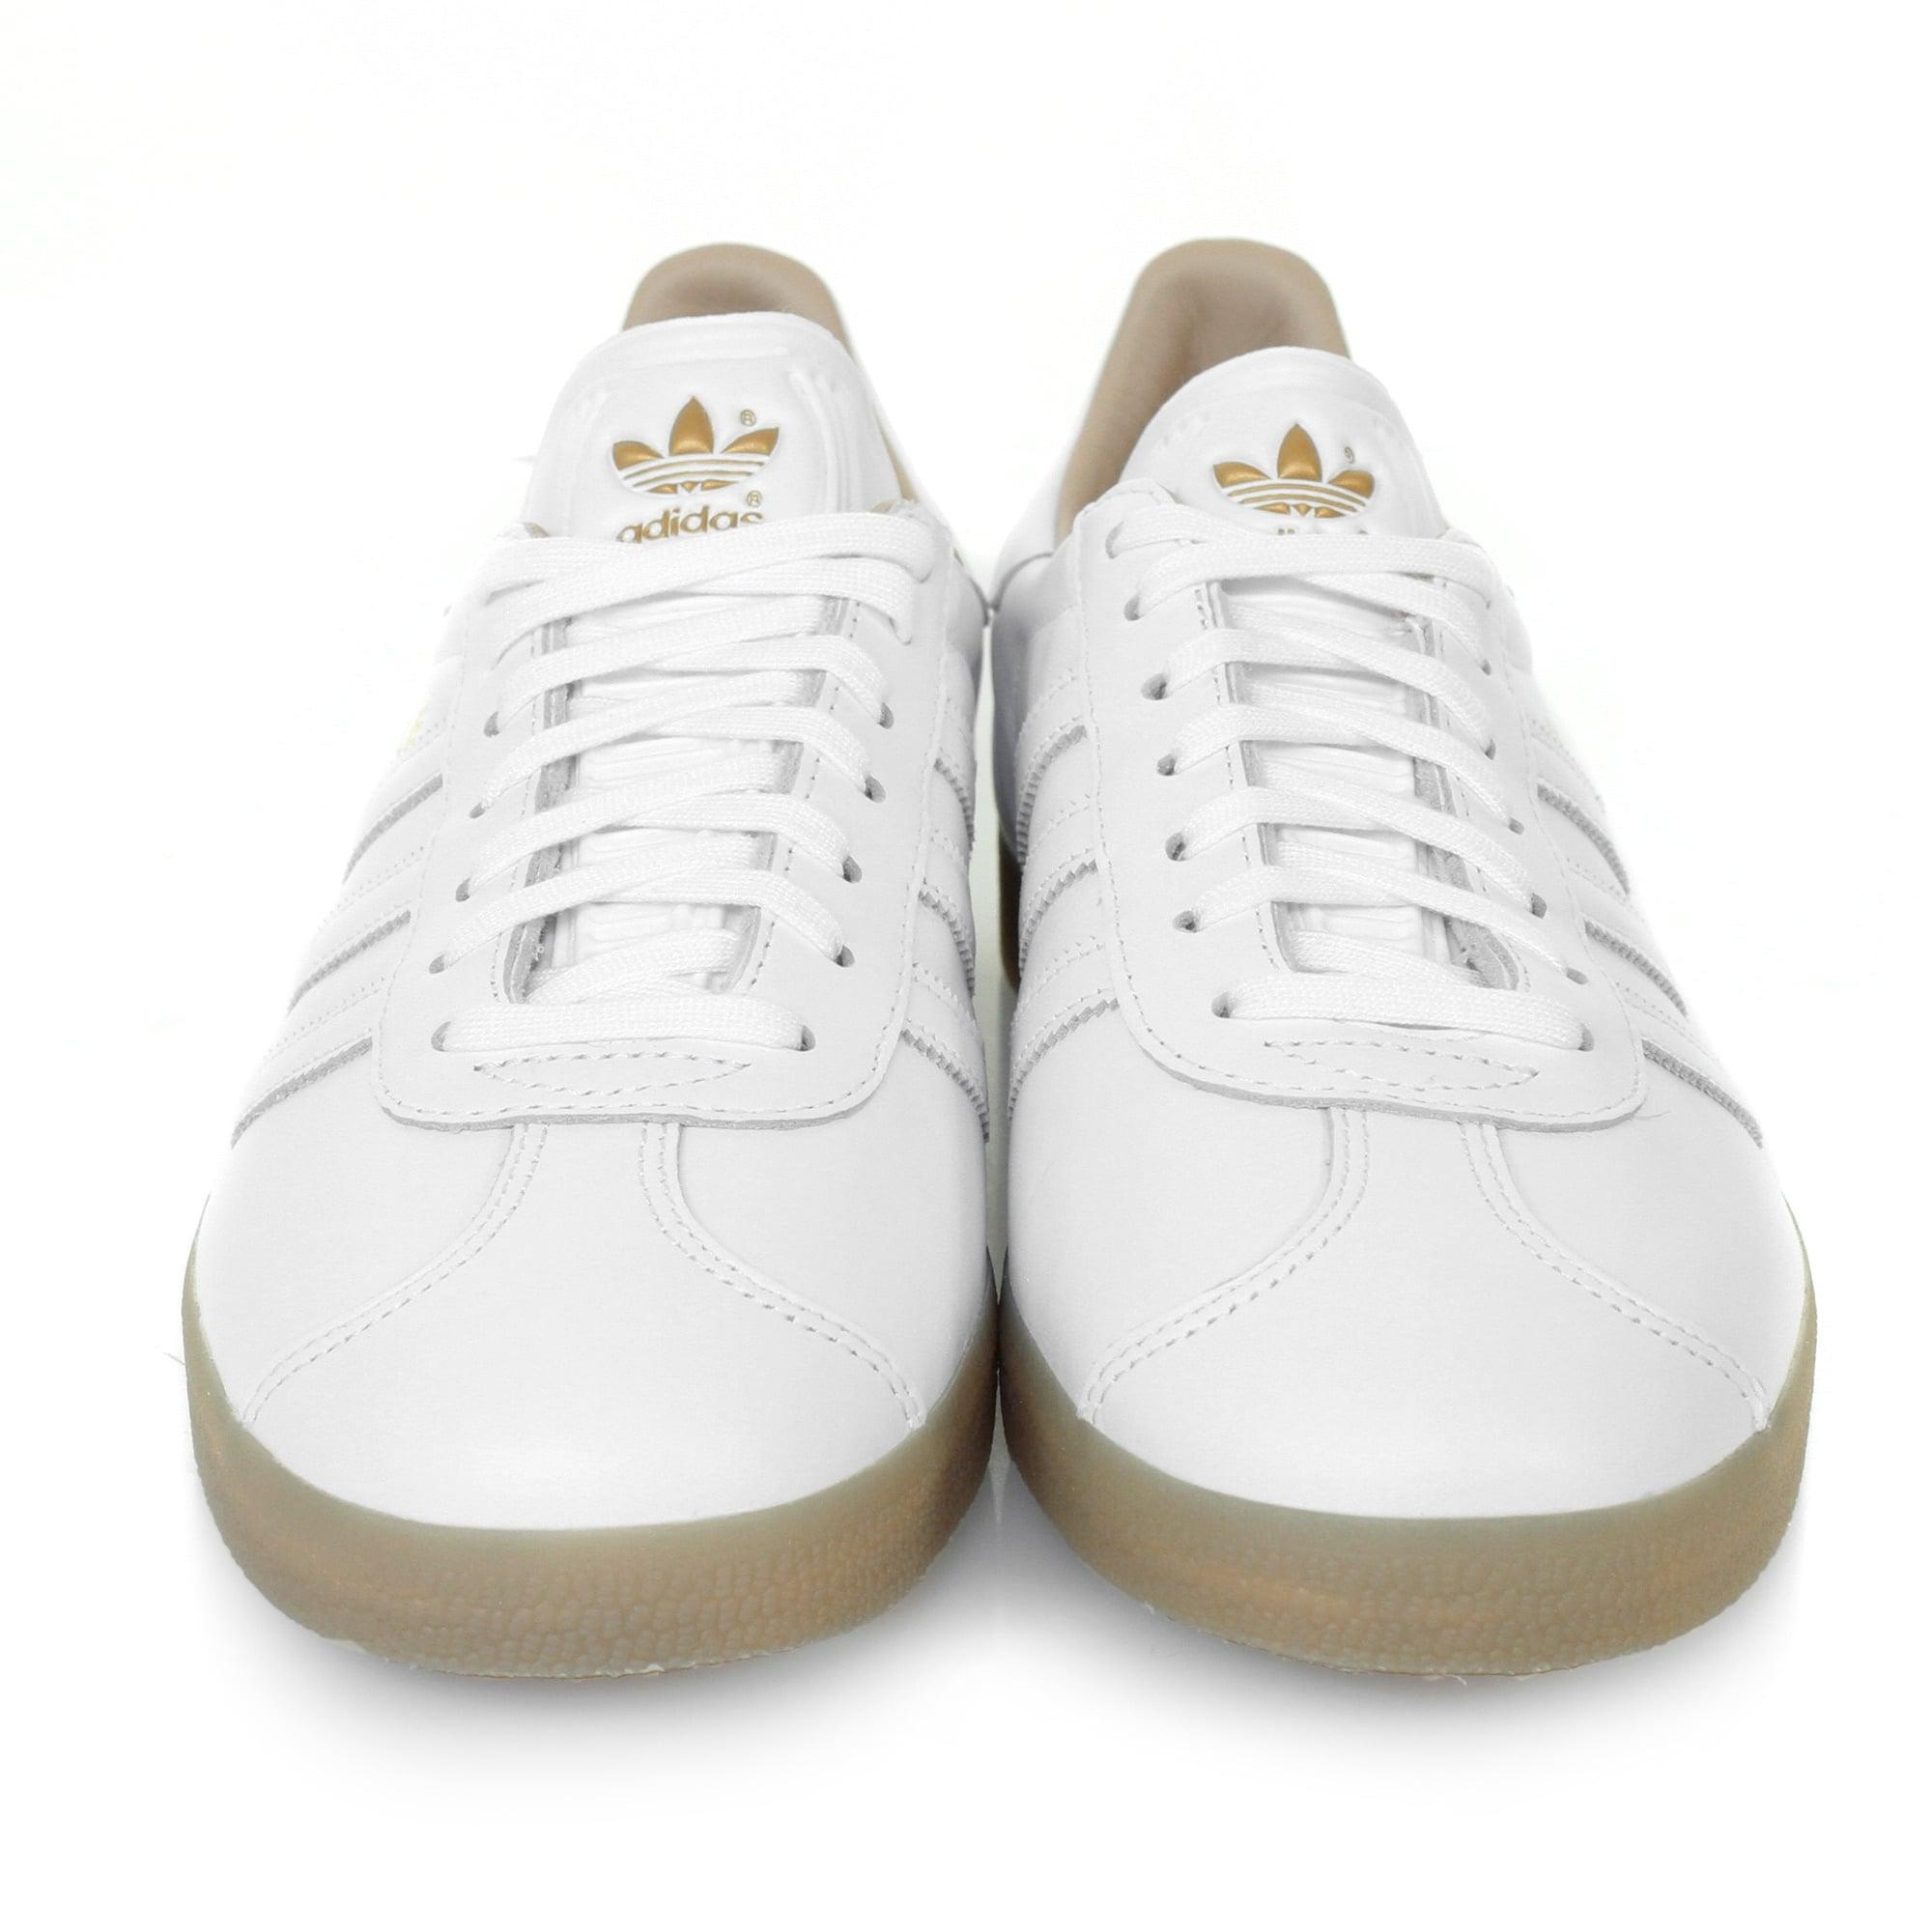 adidas gazelle white leather